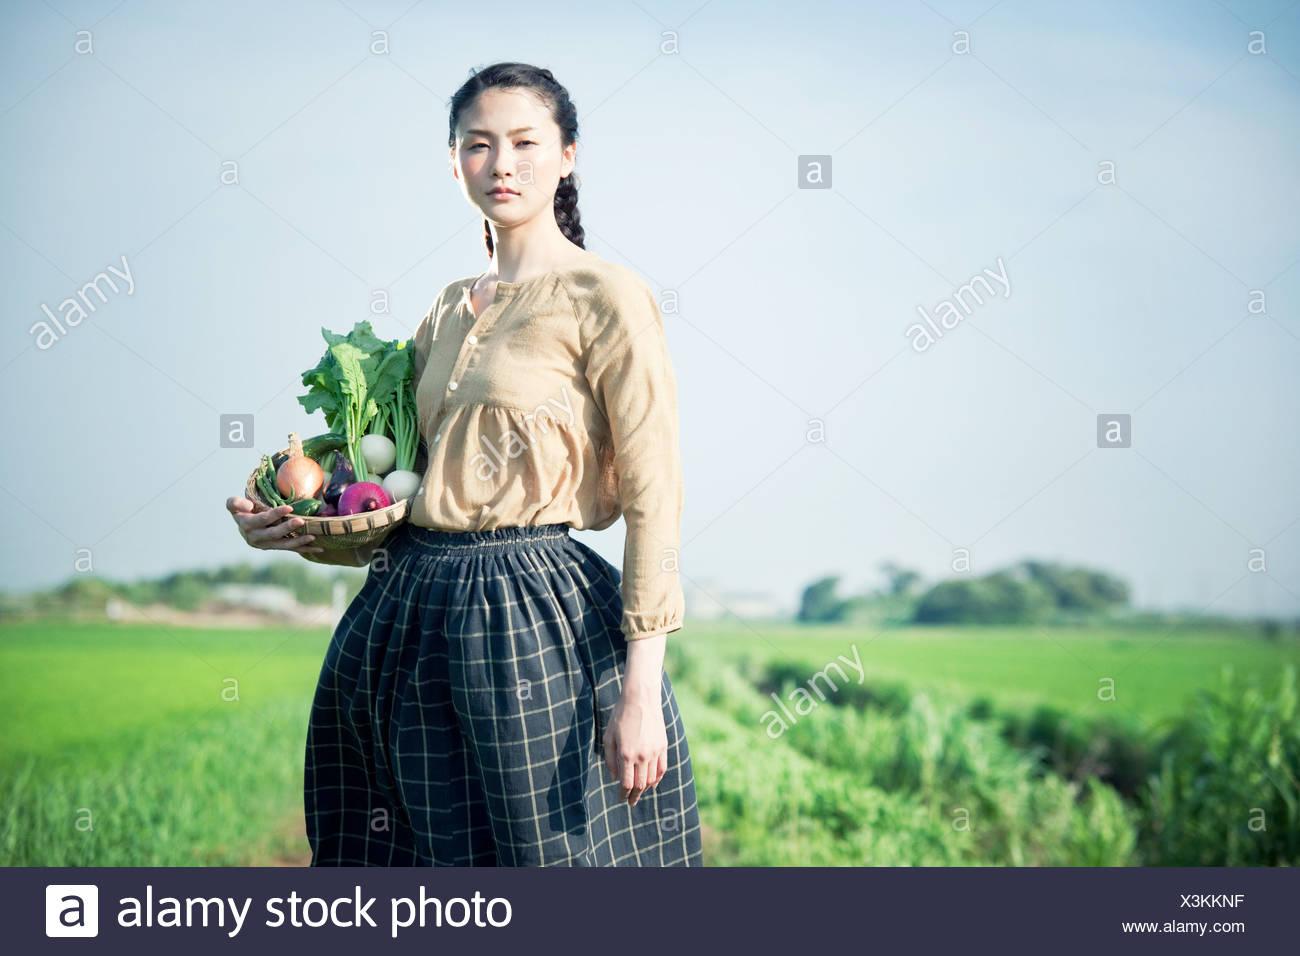 Young woman holding basket dans le champ de légumes cultivés sur place Banque D'Images